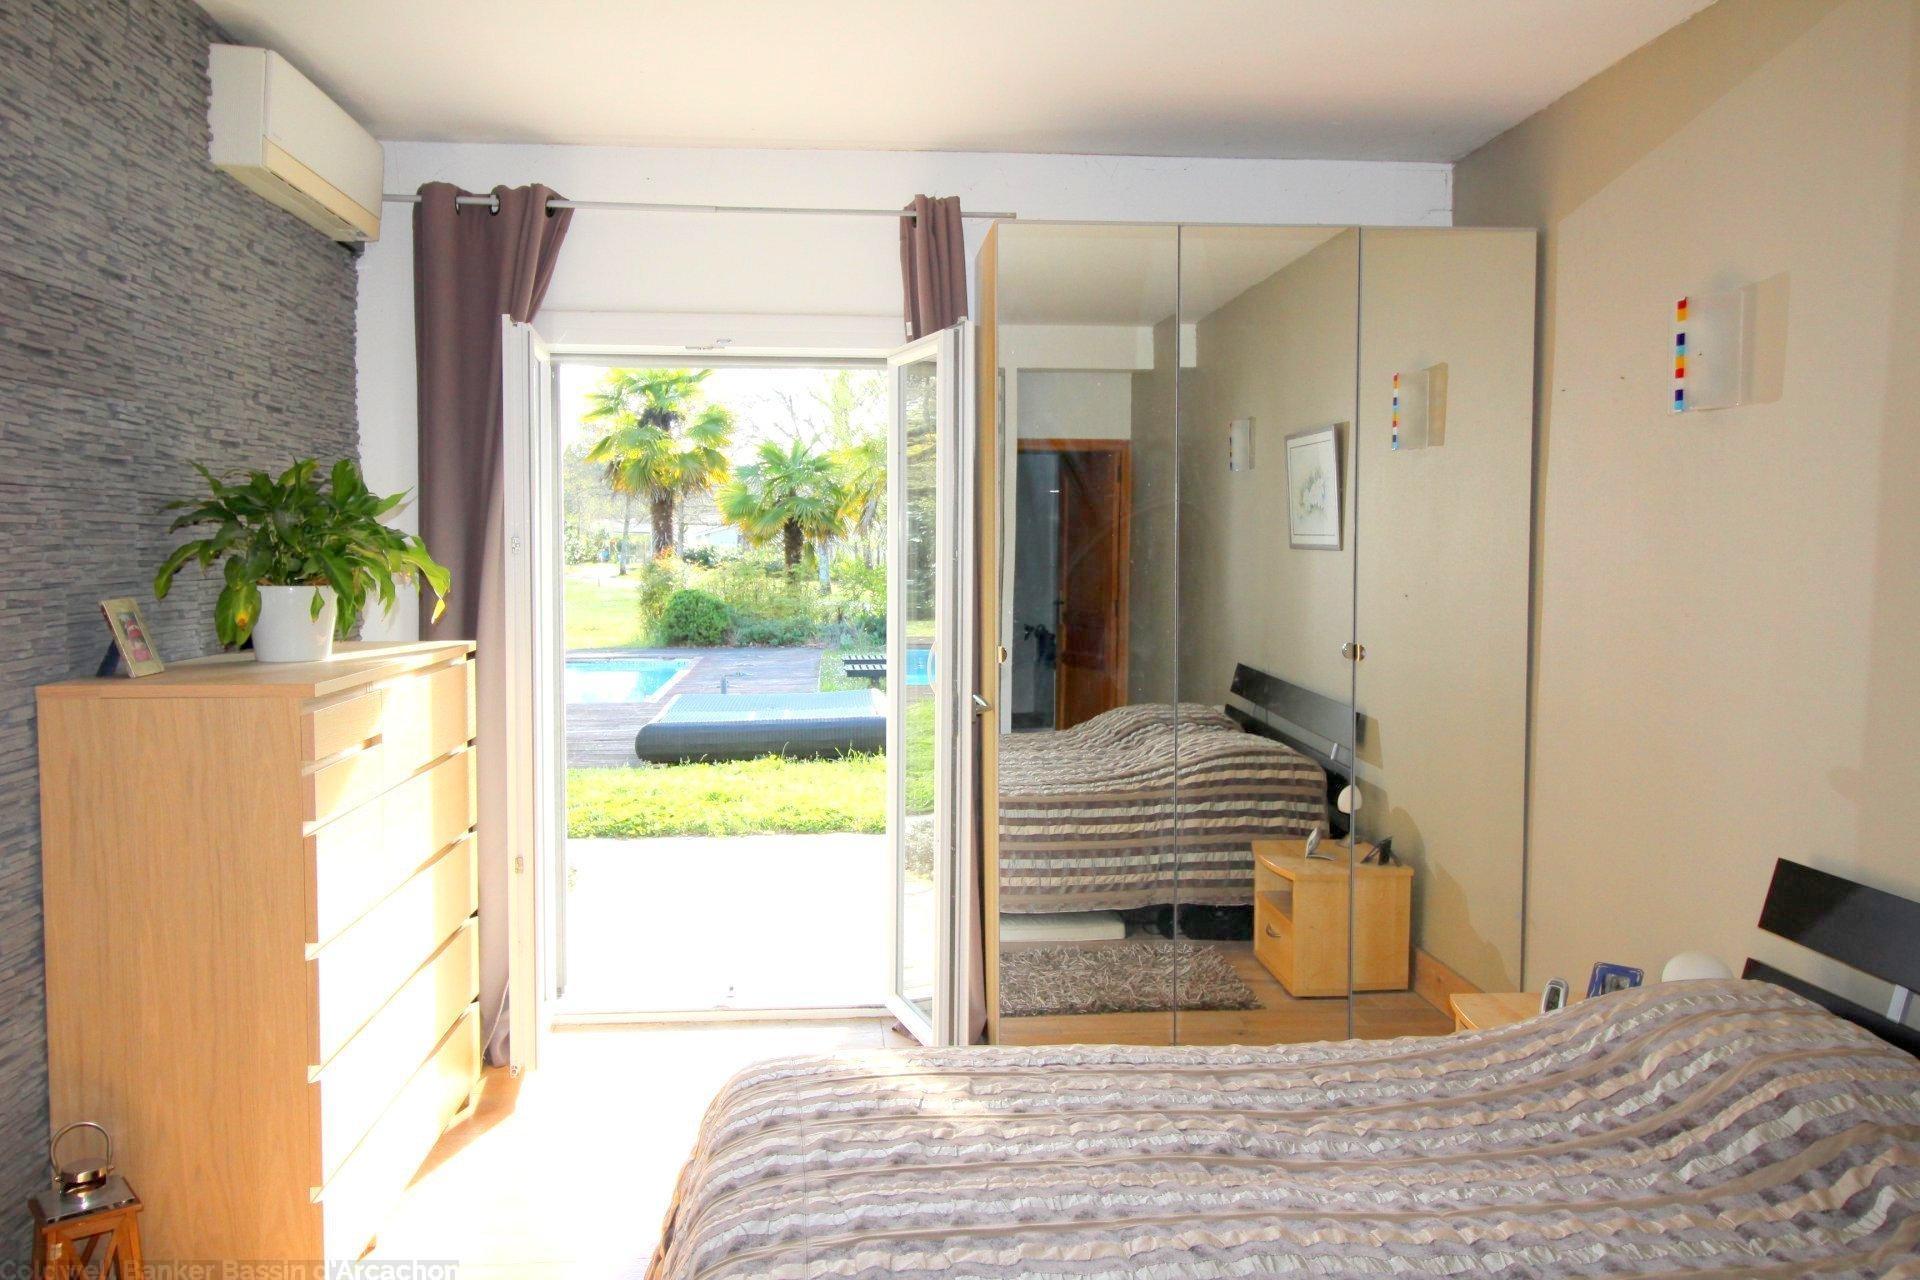 Vente maison villa bordeaux pessac grande propri t sur for Appartement bordeaux pessac